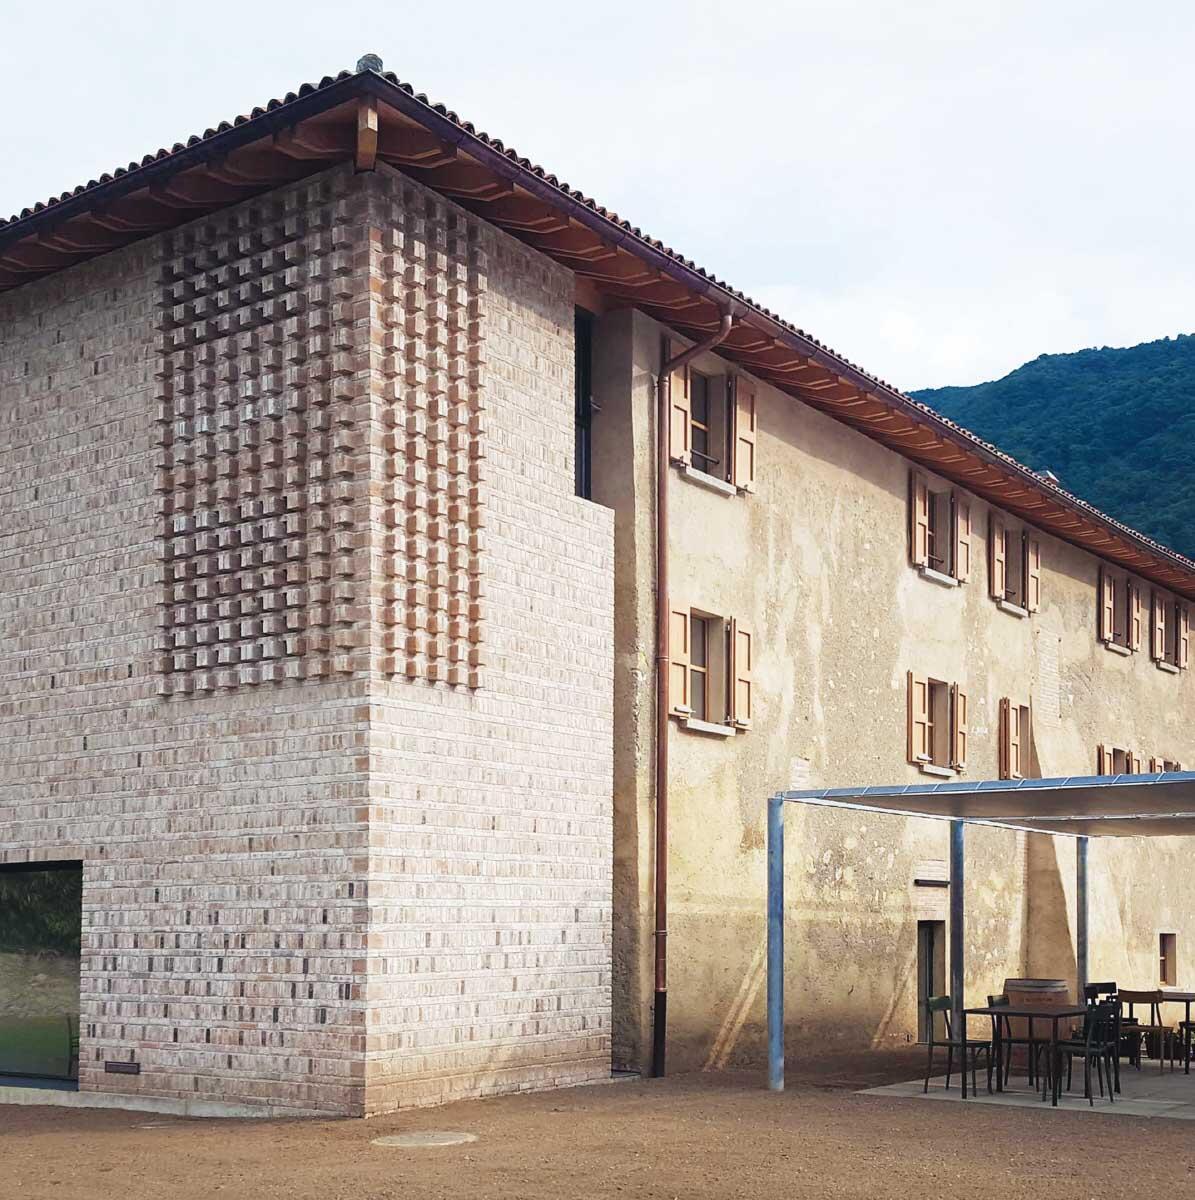 Die südöstliche Ecke des Komplexes wurde aus Backstein neu aufgebaut. Sie erinnert an die Ecktürme lombardischer Landgüter. Bild: Annalisa d'Apice